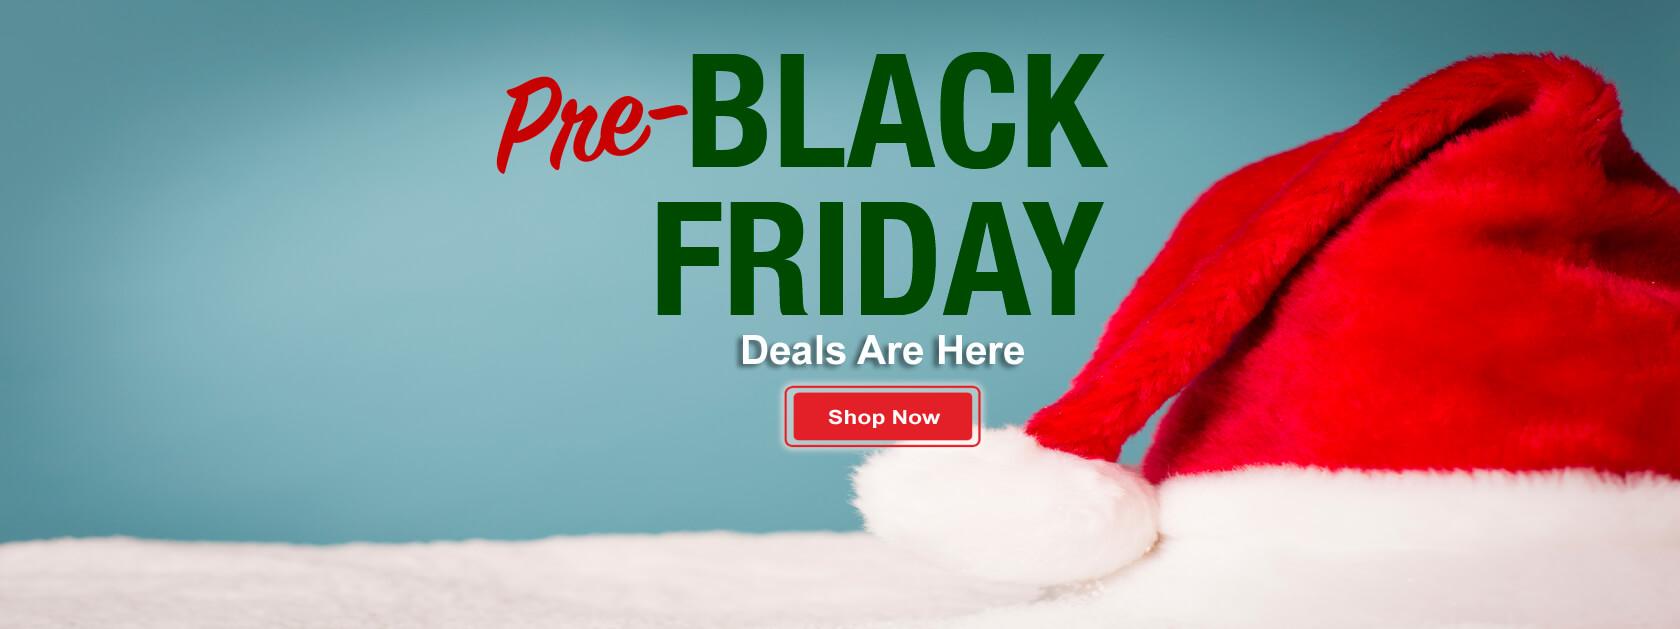 Shop Our Top Deals